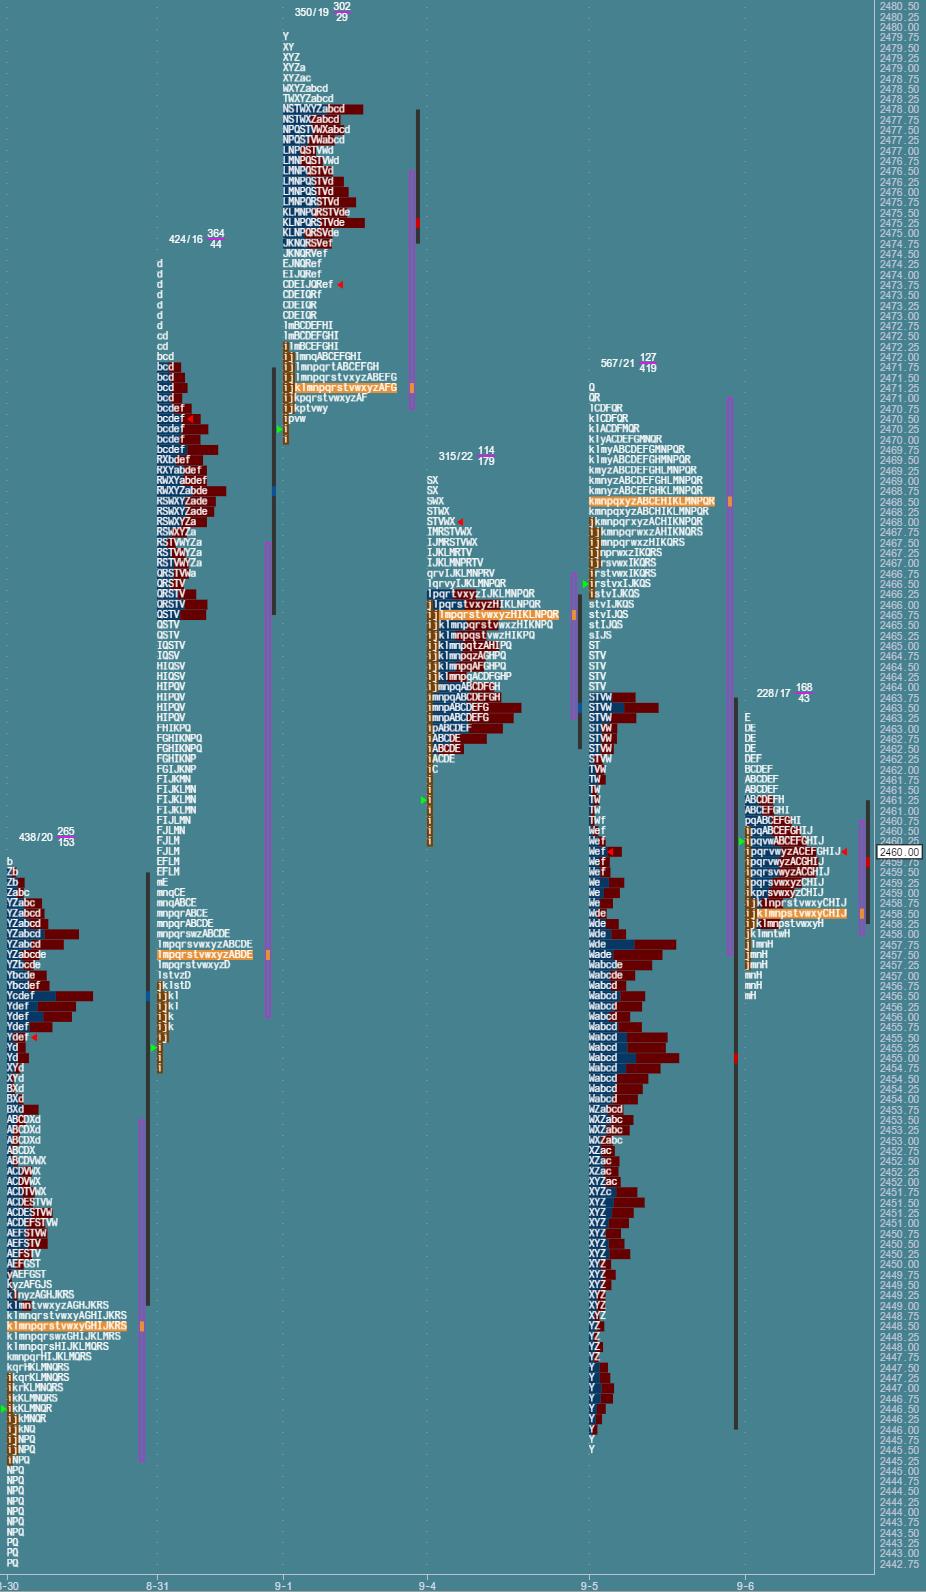 Przygotowanie do sesji: market profile z 6 września